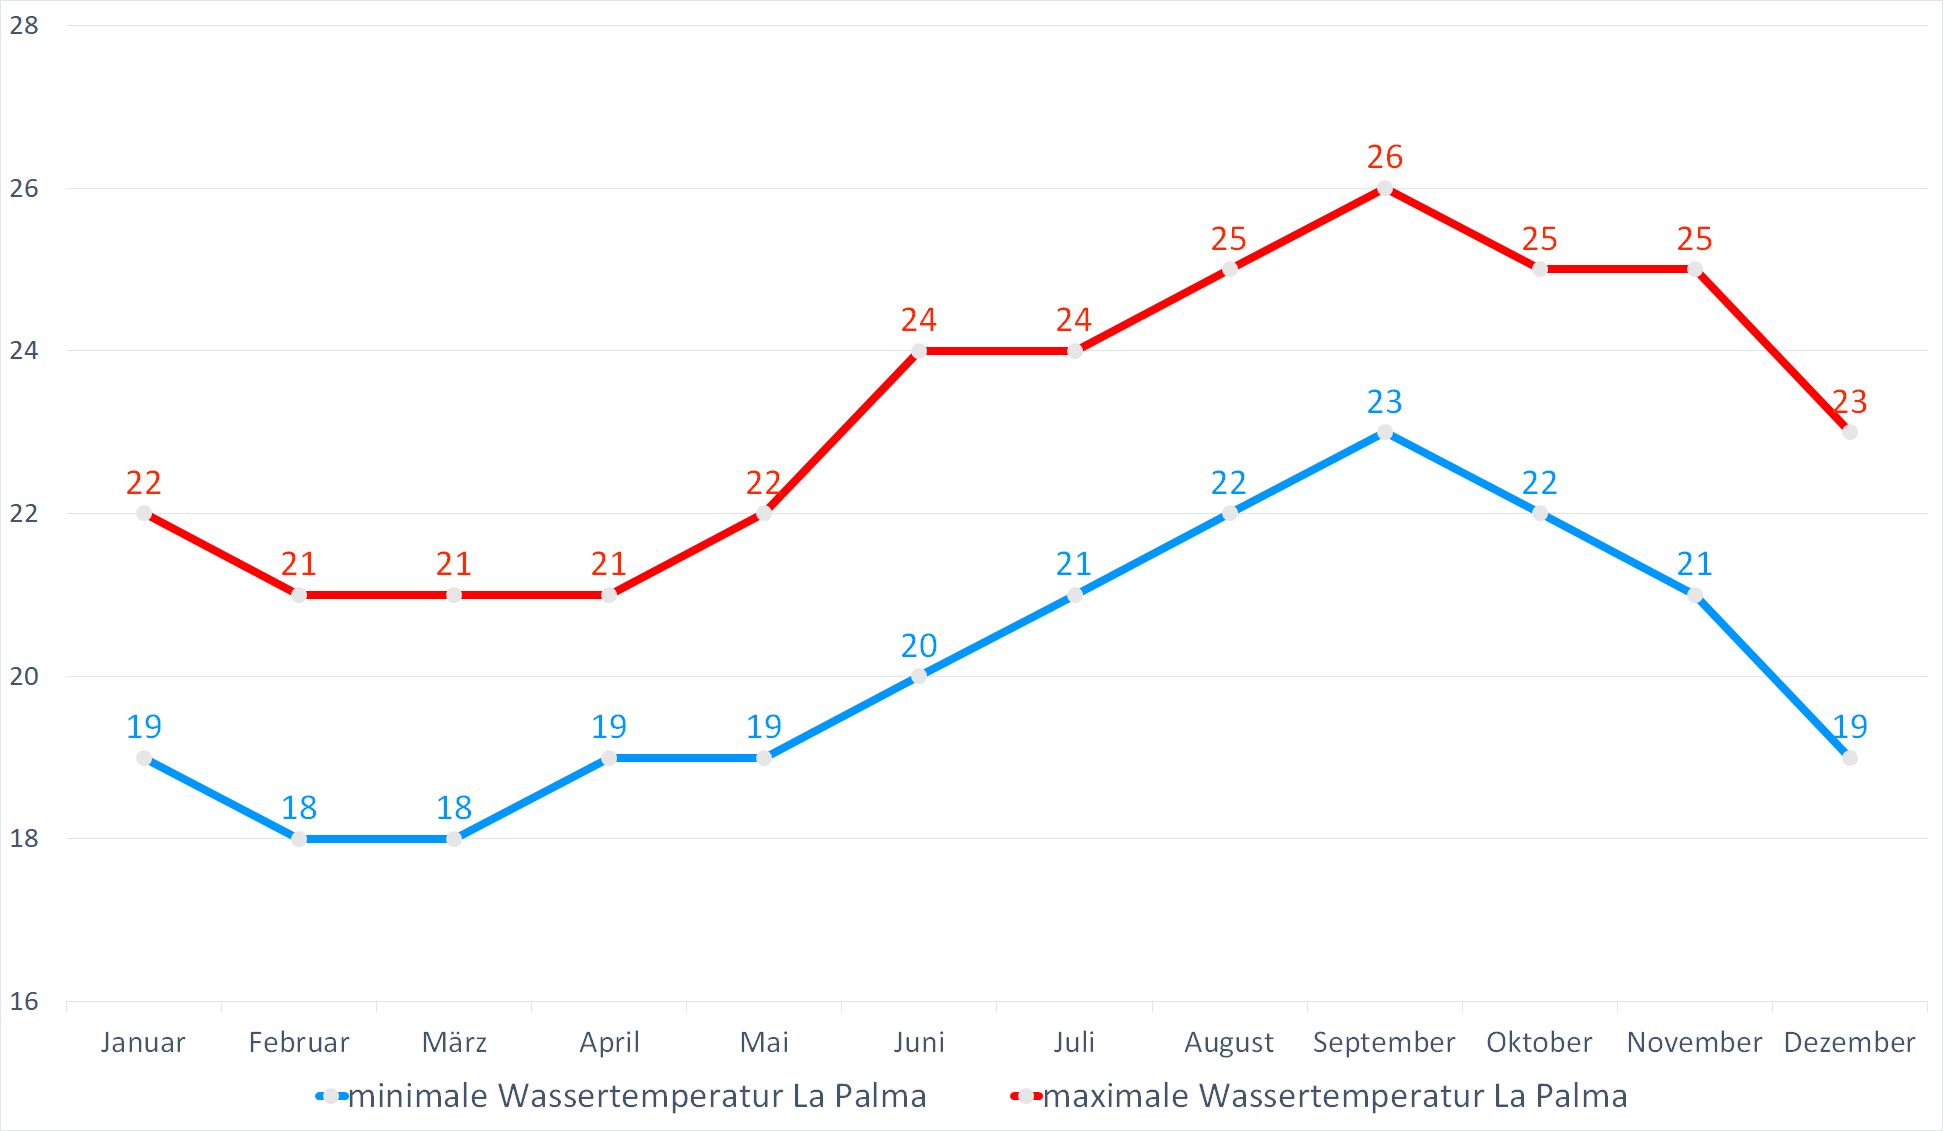 Minimale & Maximale Wassertemperaturen für La Palma im Jahresverlauf